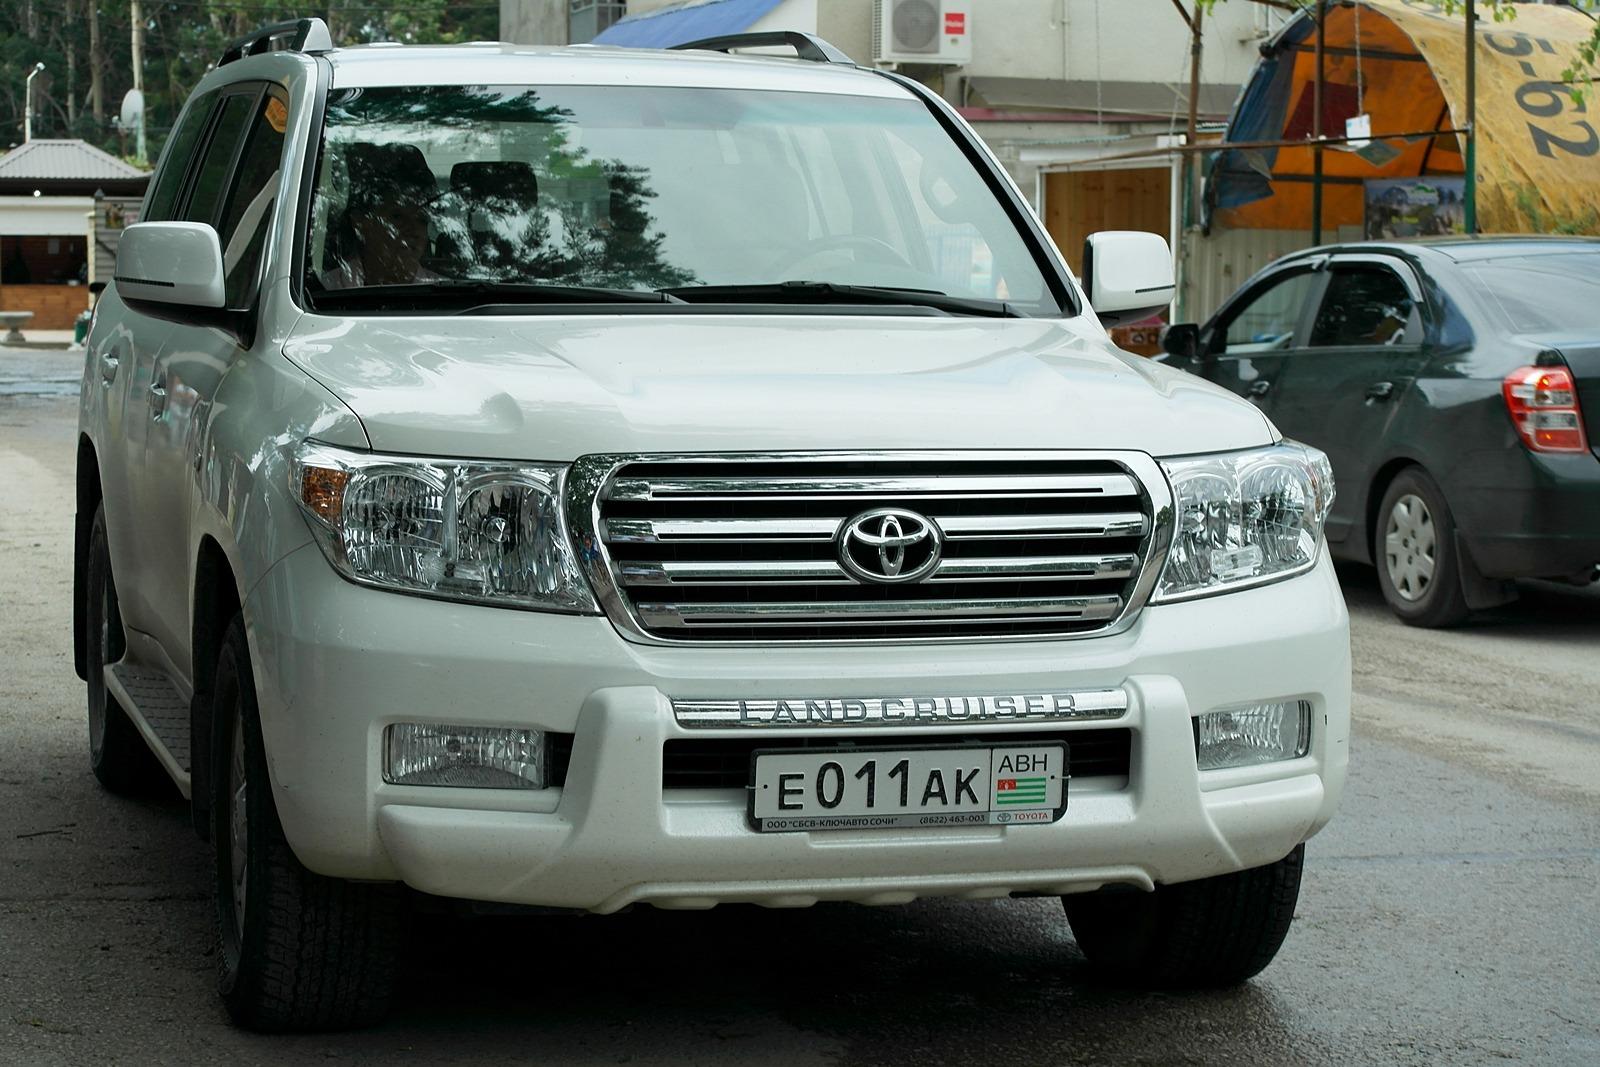 Автомобильные номера Абхазии